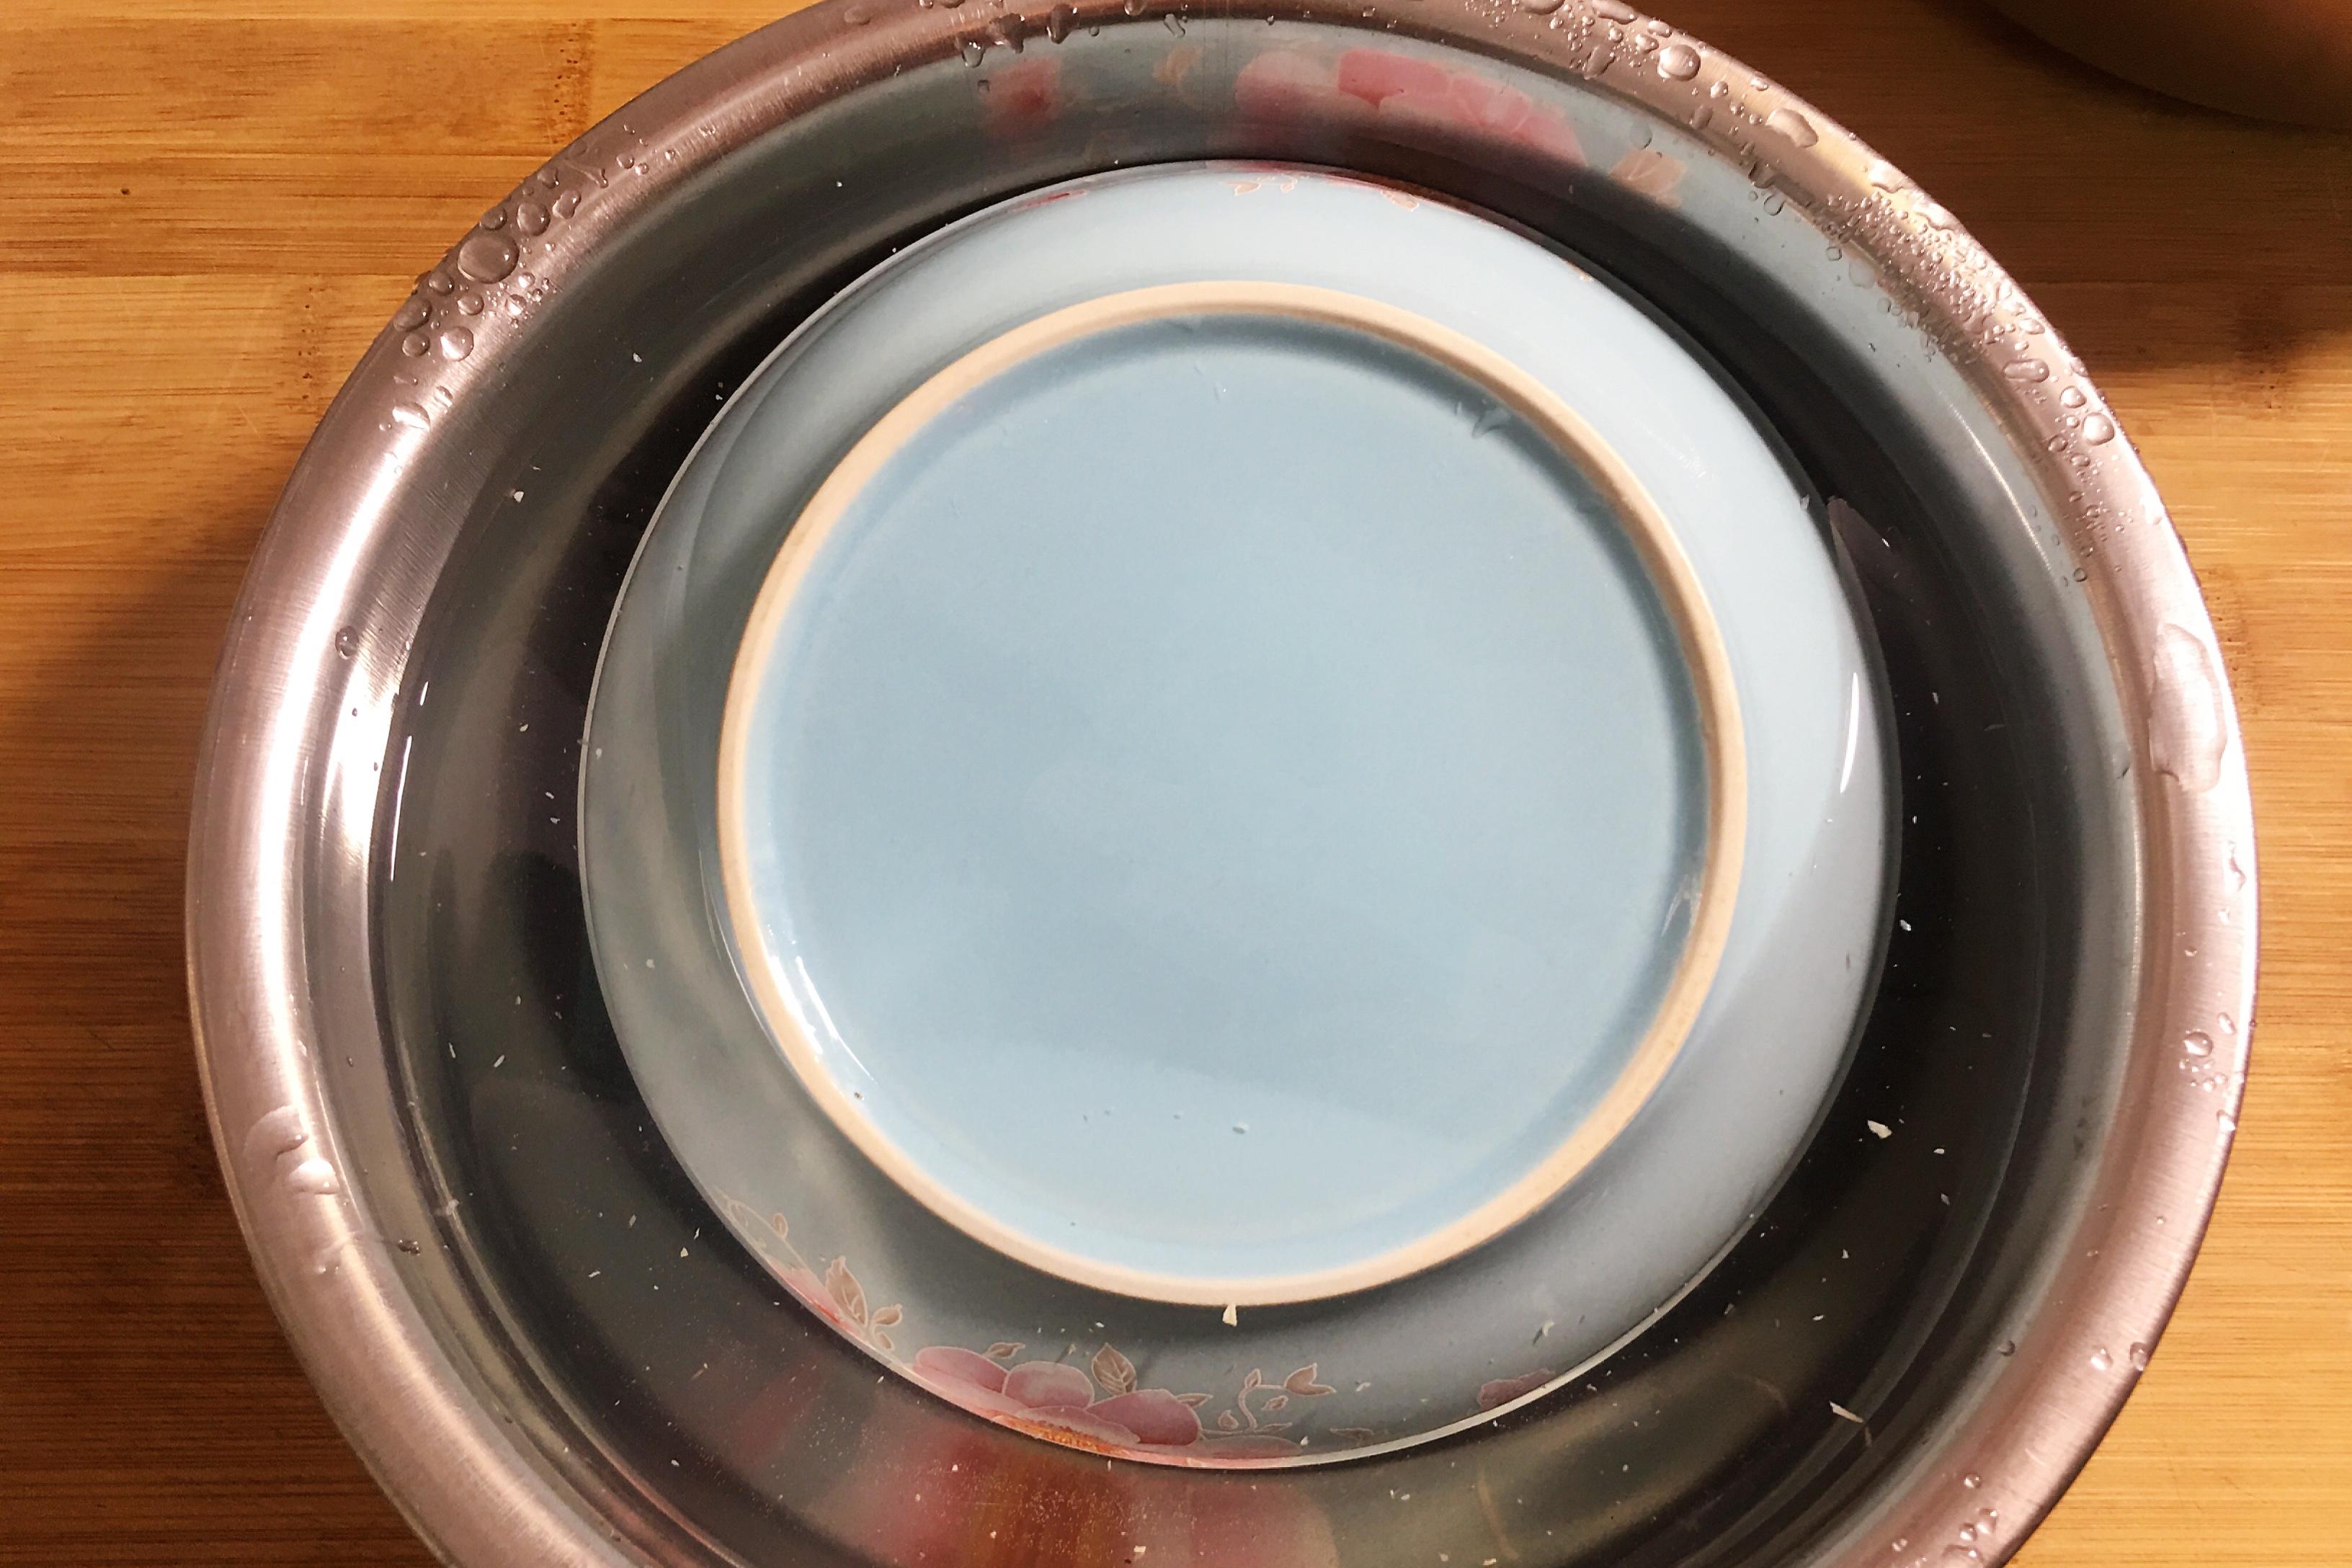 泡腐竹,是用凉水还是热水?学会这个窍门,泡得又快又韧还没硬芯